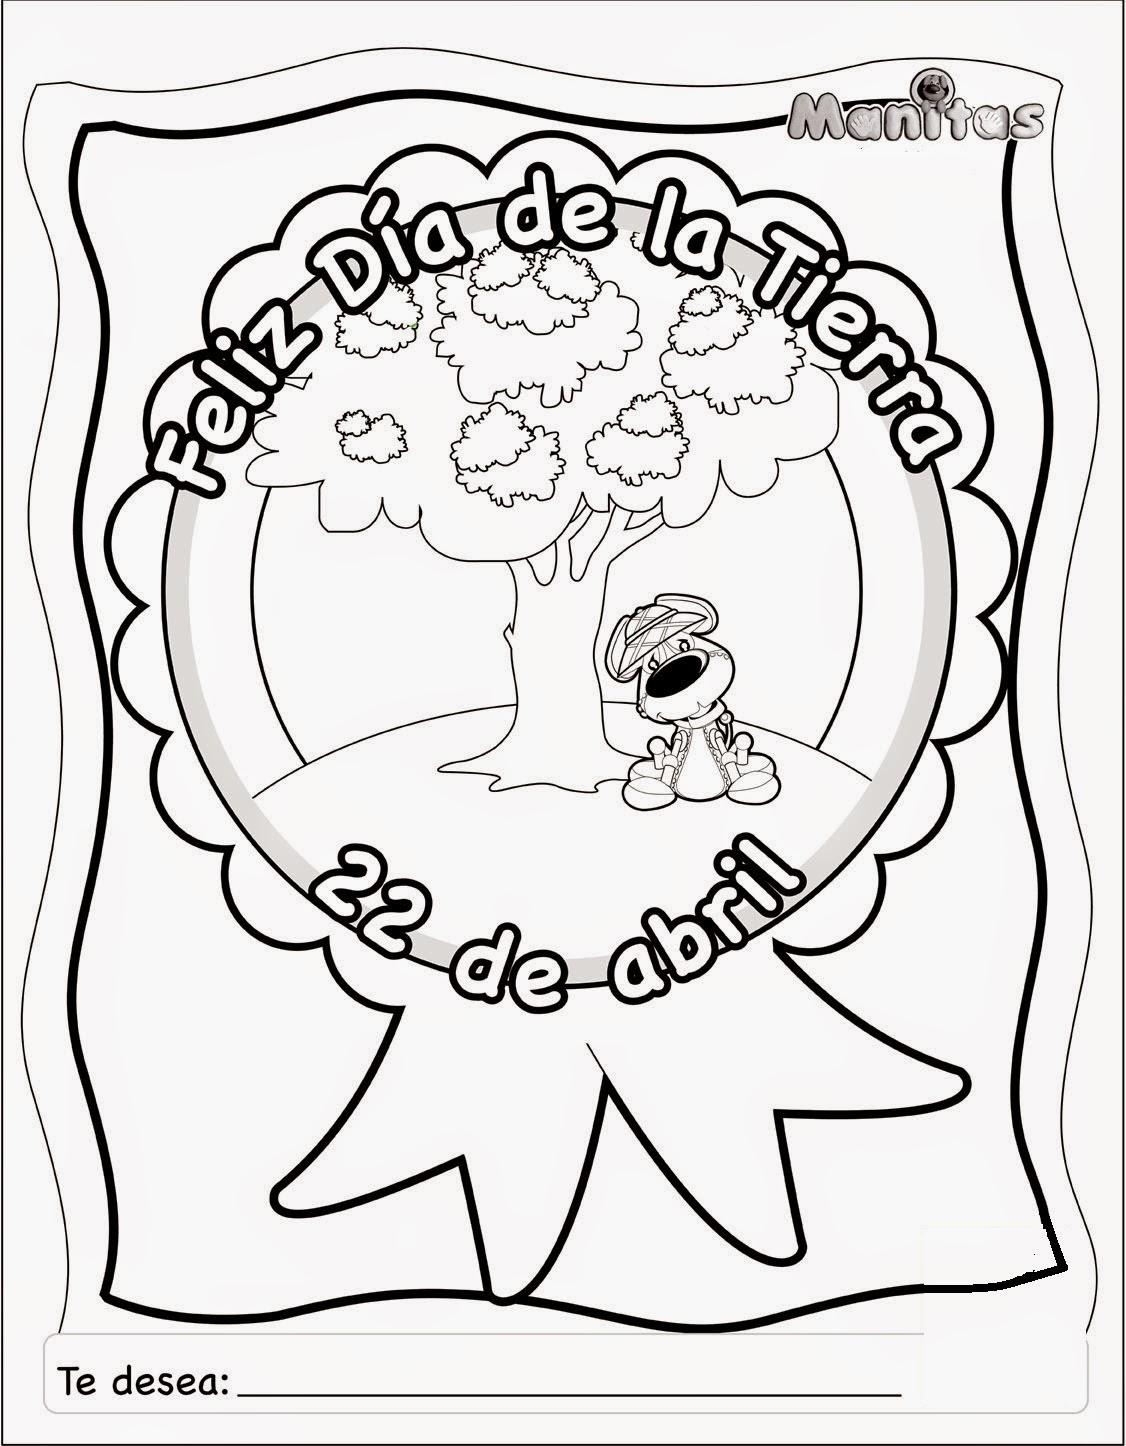 CREAMOS PAZ: LA MADRE TIERRA